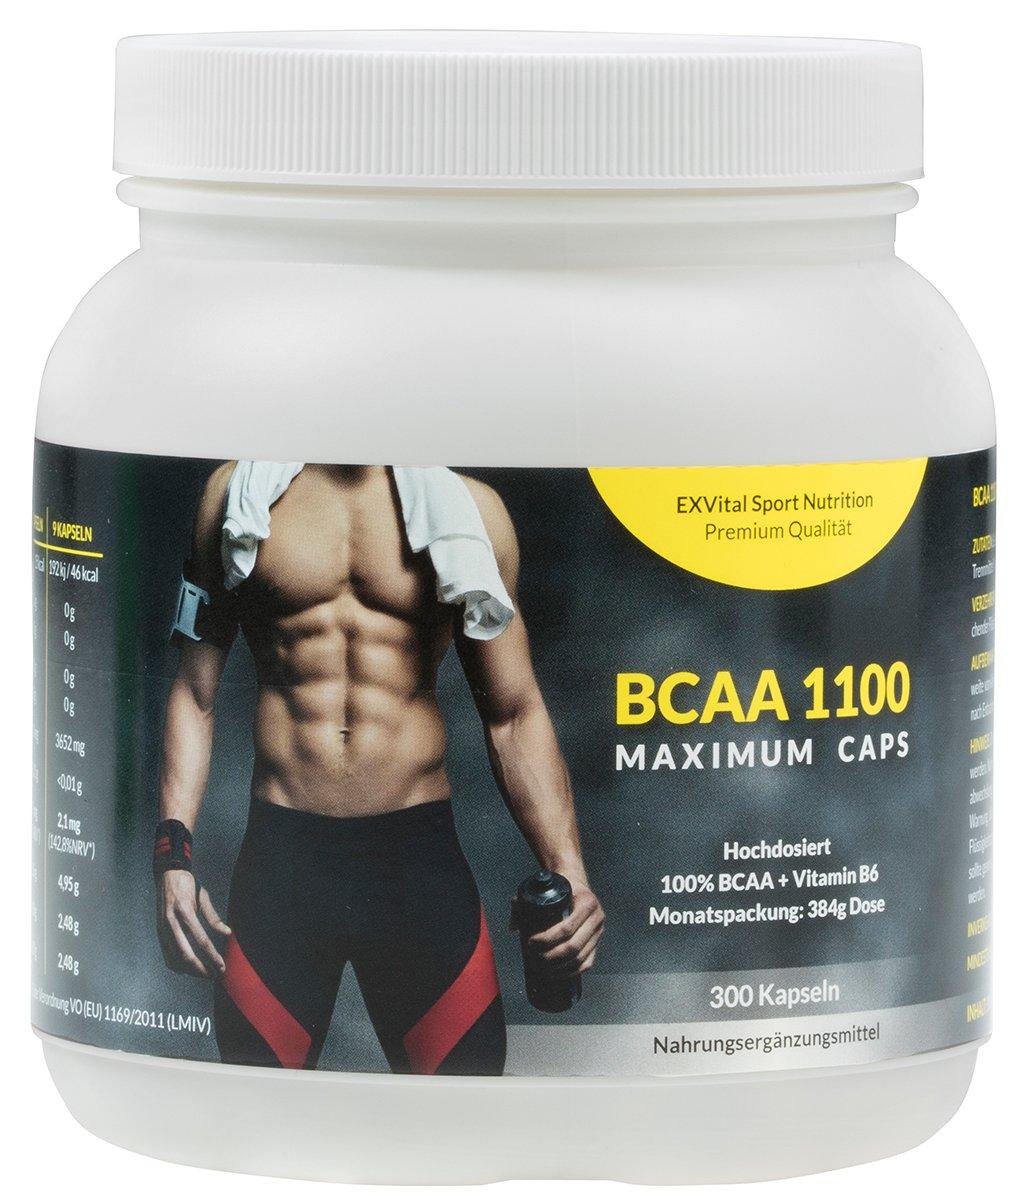 Exvital BCAA 1100 Maximum Caps